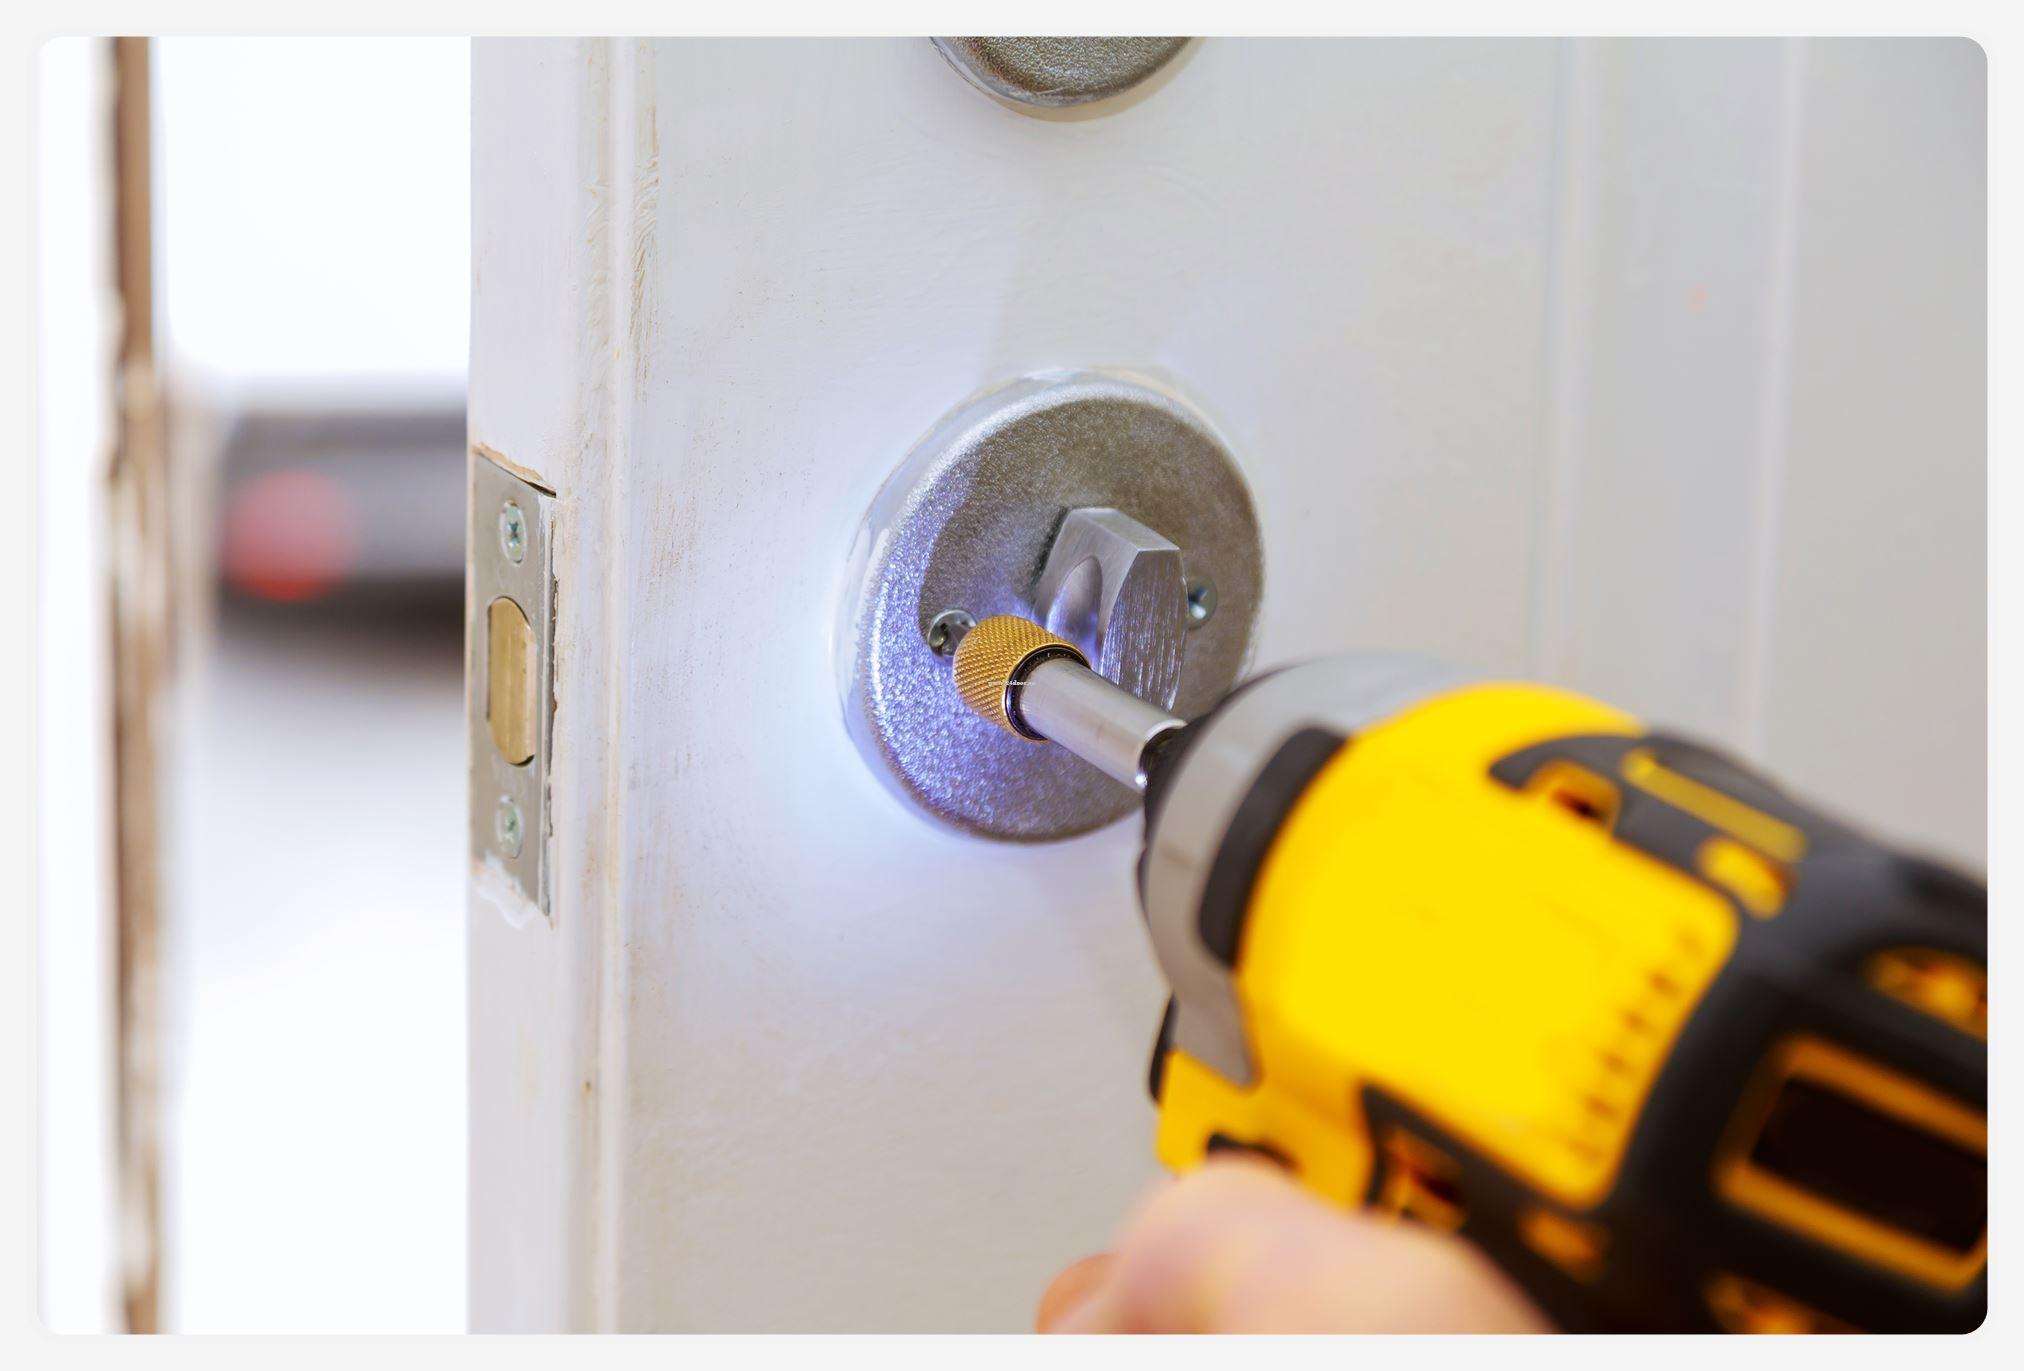 Técnicos del hogar apertura de Puertas